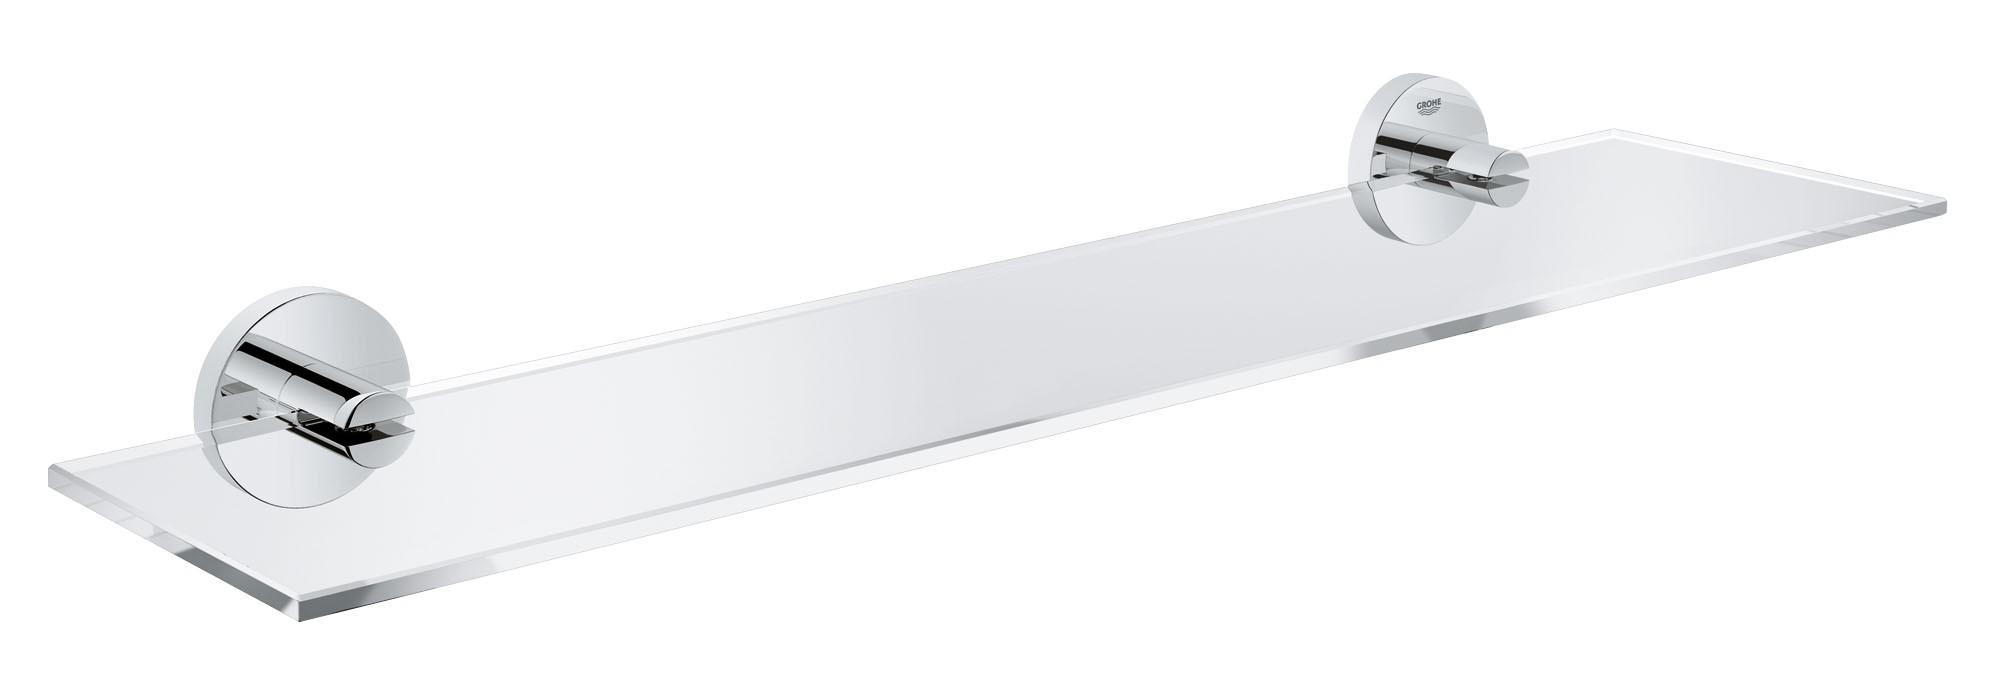 Grohe 40799001 Essentials 530 мм, хром (40799001)